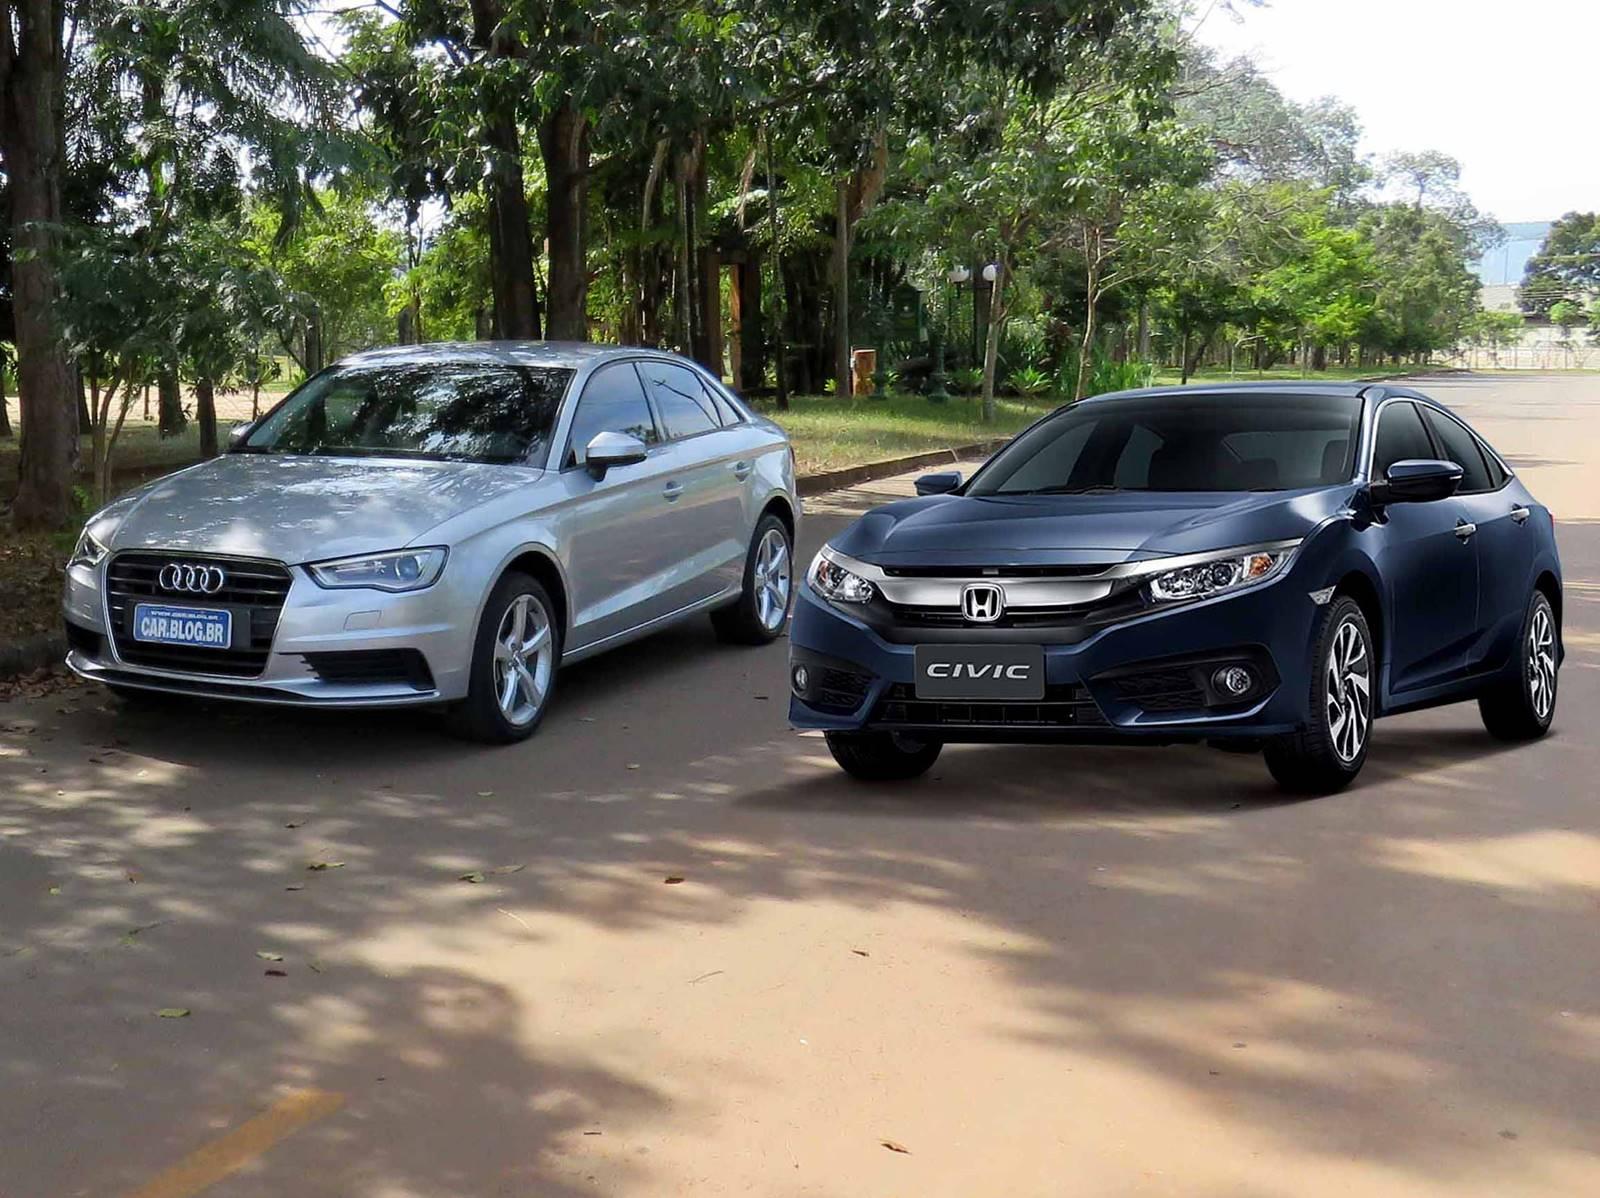 Novo Civic 2017 Turbo: preço para competir com A3 Sedan | CAR.BLOG.BR ...